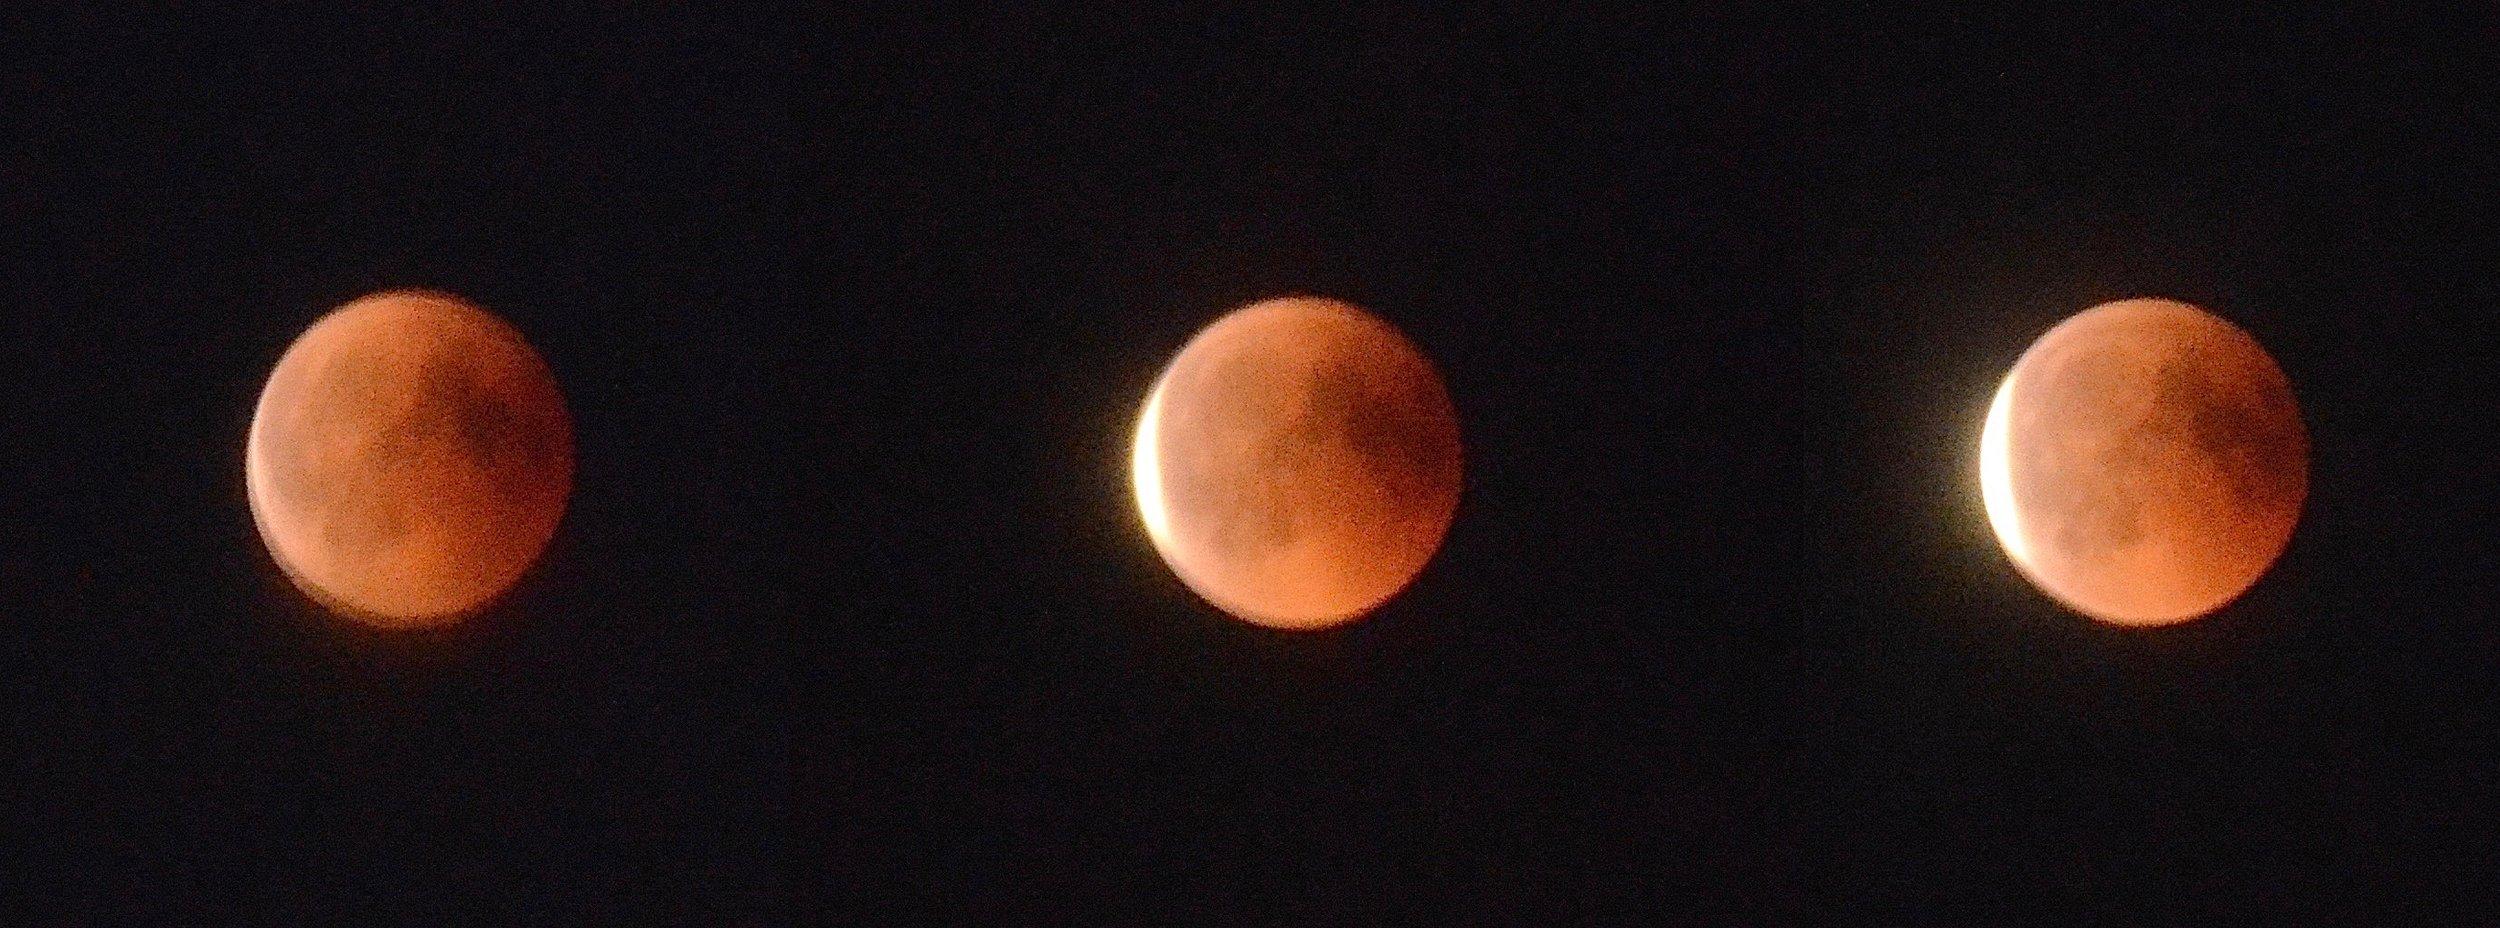 Disse billeder er taget sidst i fasen, hvor måneformørkelsen er ved at slutte, og månen får i venstre side sin bleggule farve igen. Foto:AOB